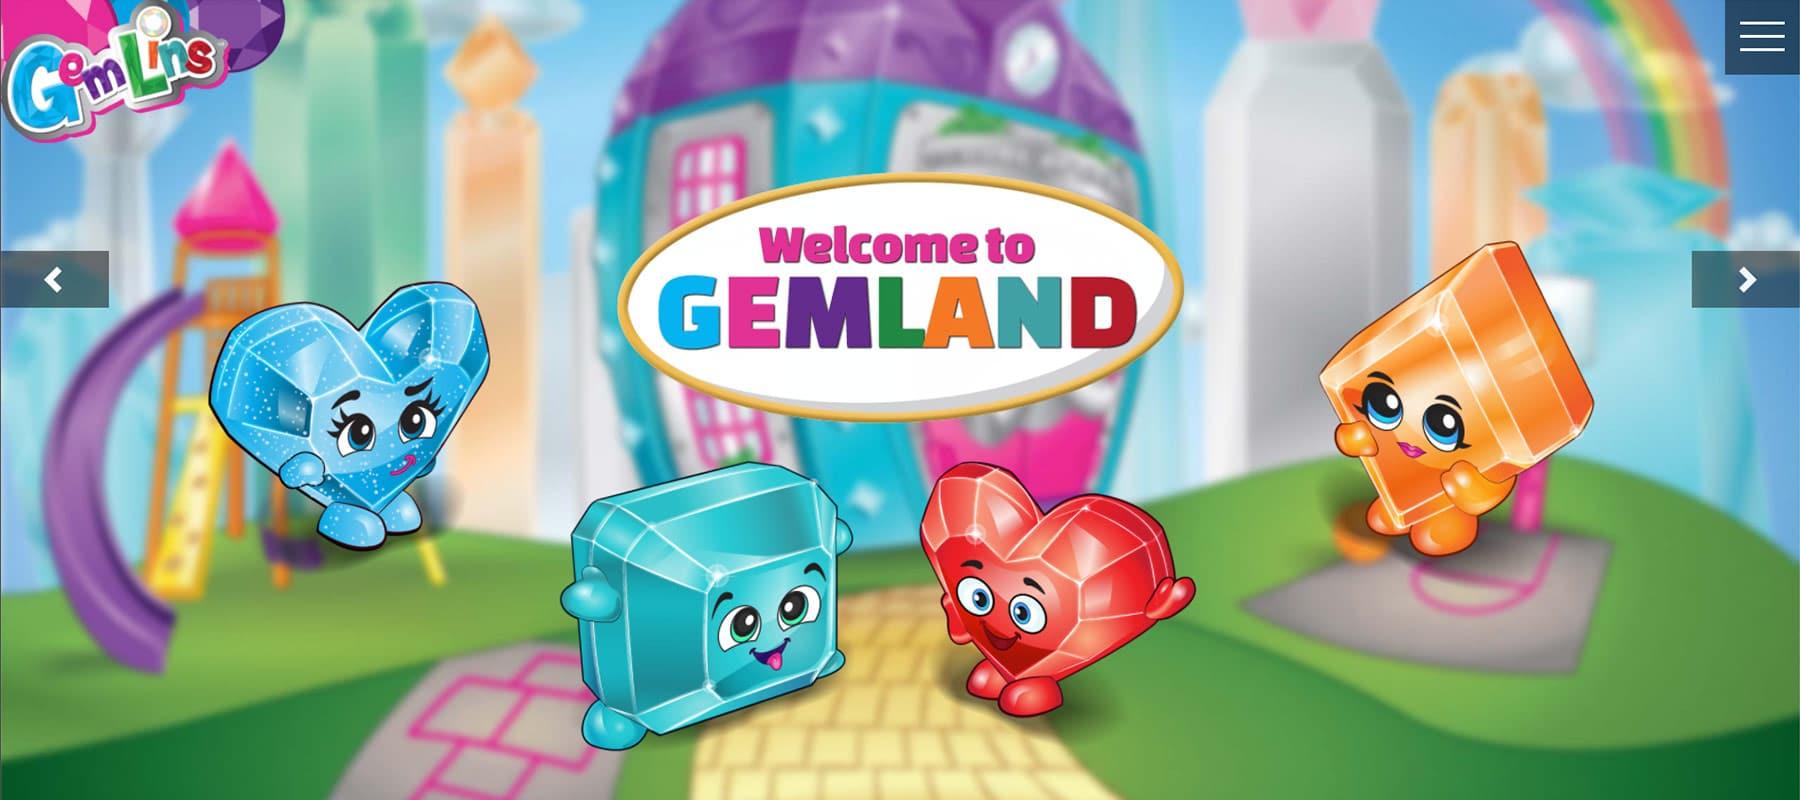 Gemlins Website For Kids and Parents